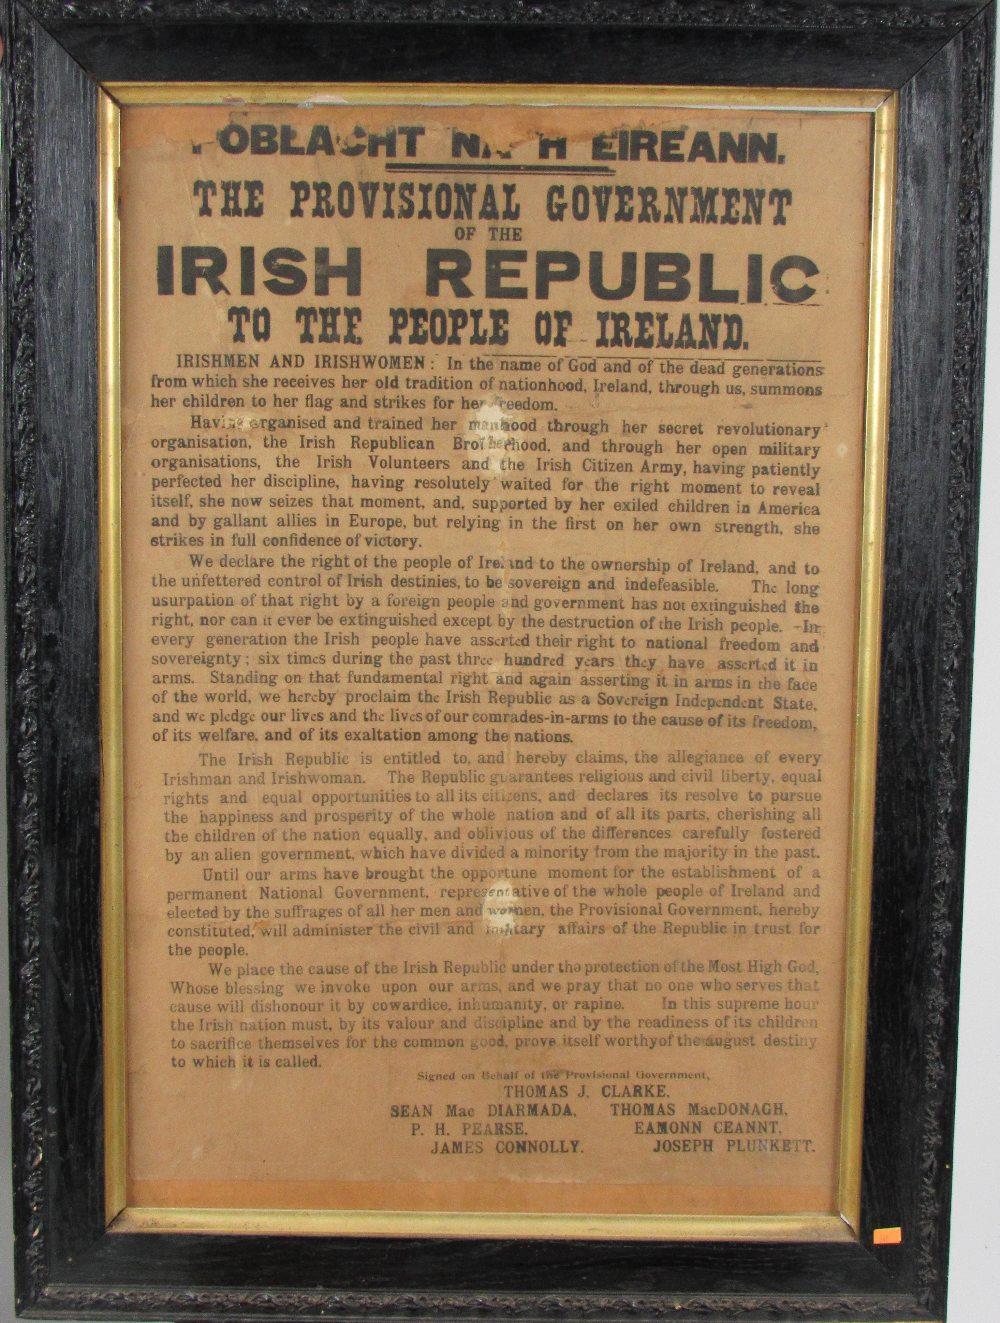 THE 1916 PROCLAMATION: THE GPO COPY POBLACHT NA H EIREANN.